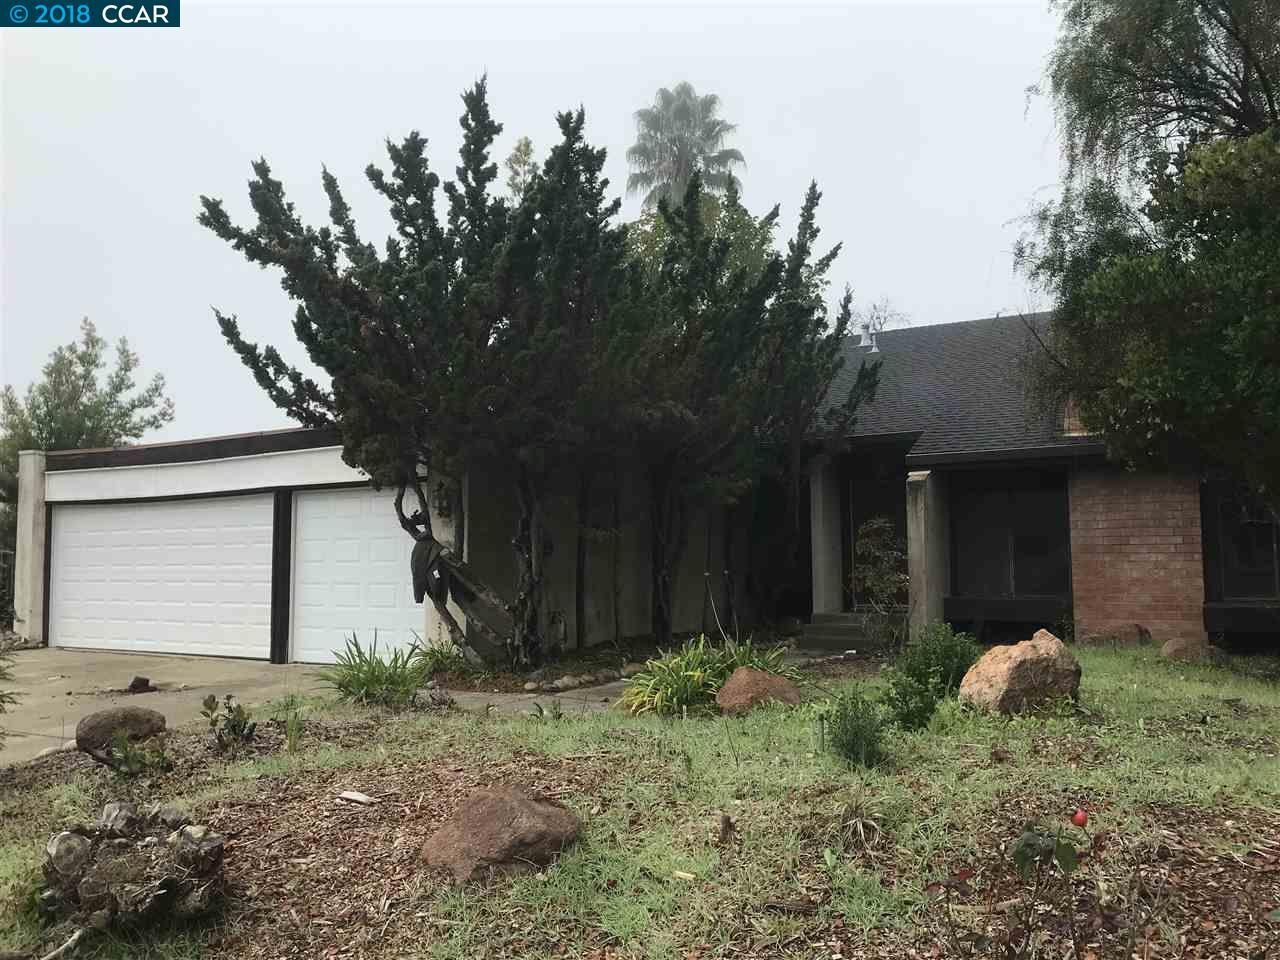 Частный односемейный дом для того Продажа на 2745 Lavender Drive 2745 Lavender Drive Walnut Creek, Калифорния 94596 Соединенные Штаты